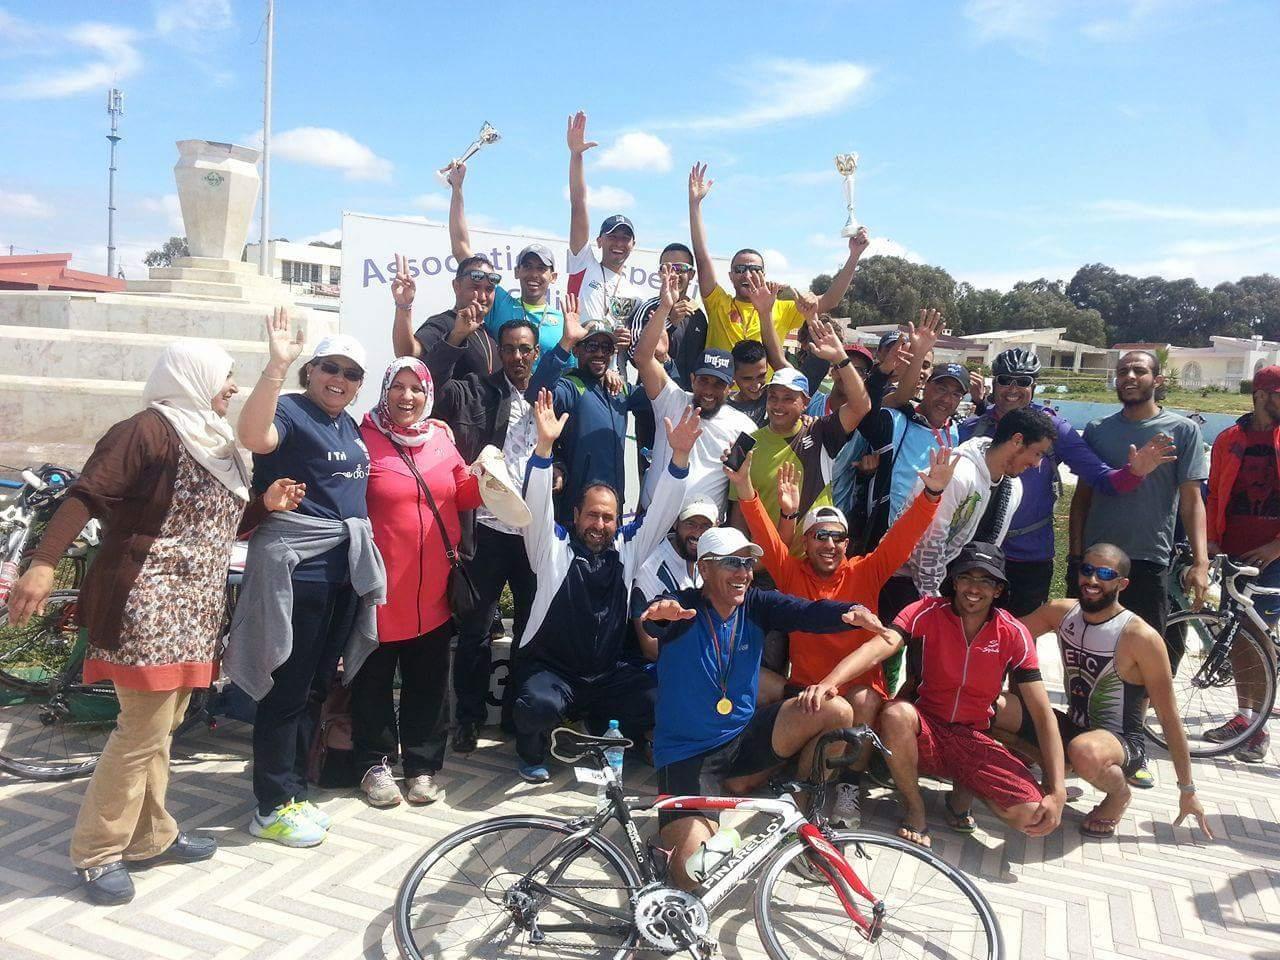 تنظيم سباق وطني في رياضة الترياثلون بمنتجع سيدي بوزيد